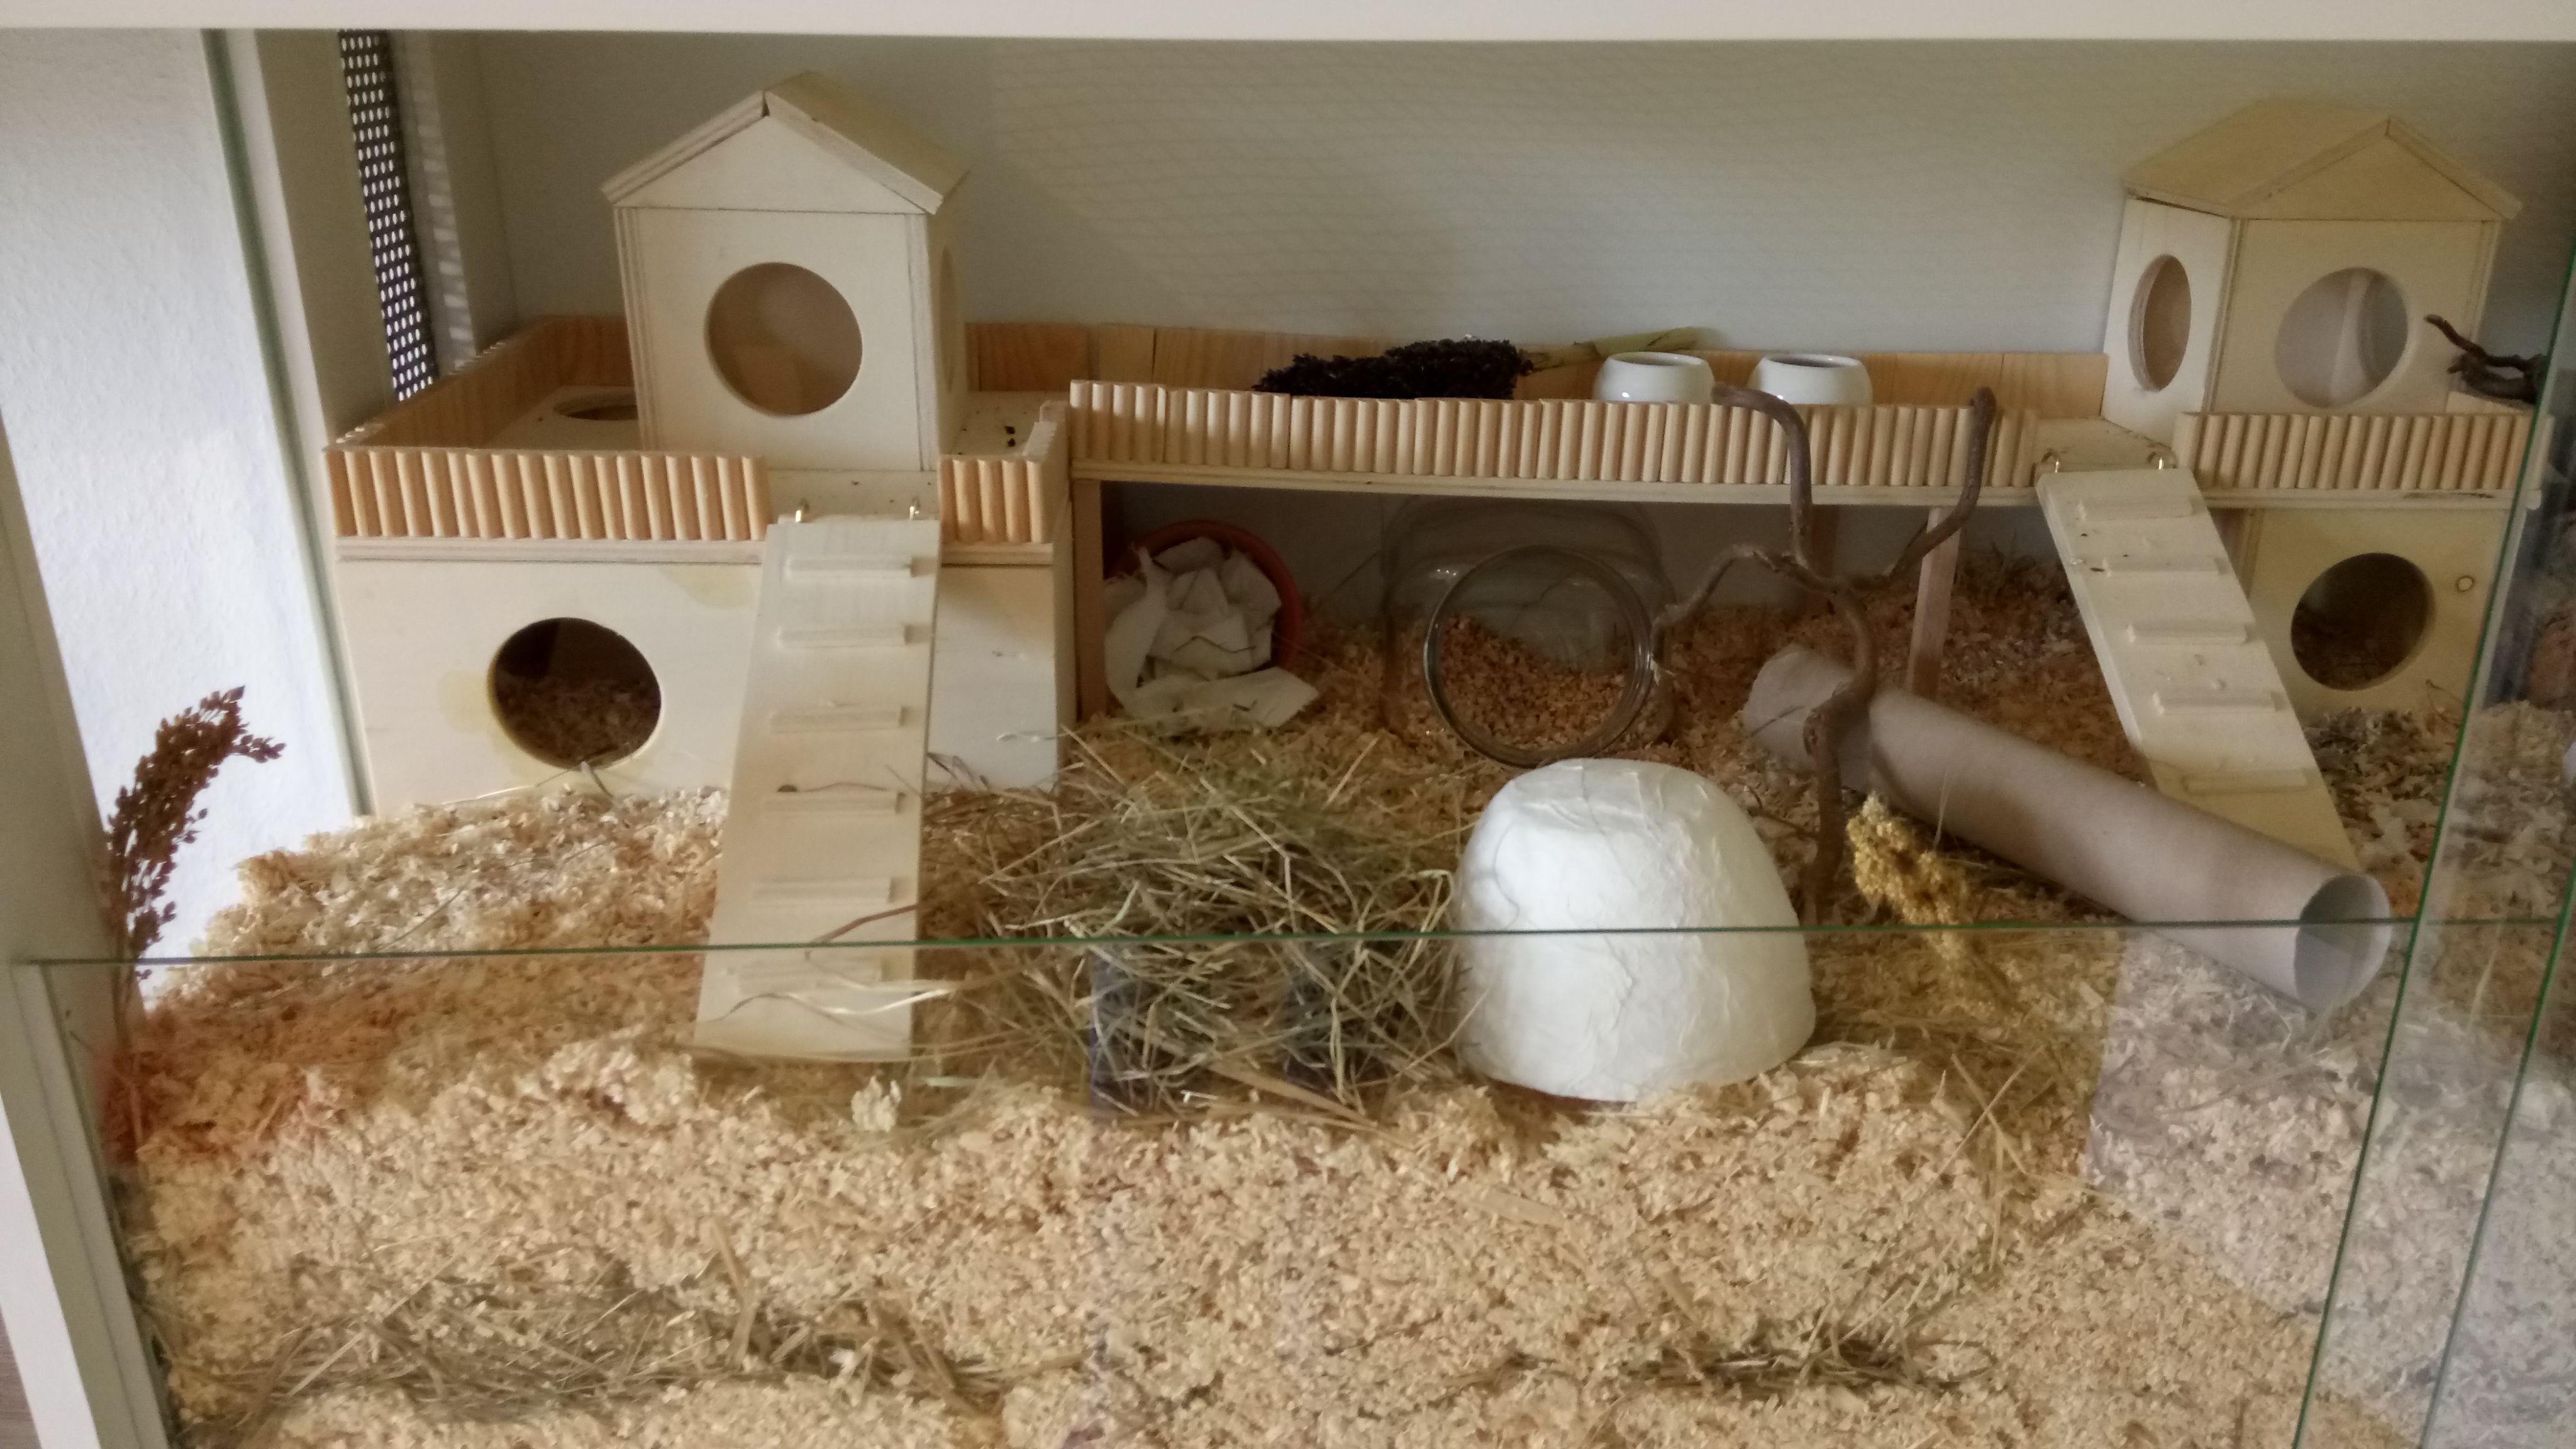 hamster eigenbau nagarium einrichtung dreikammer haus und. Black Bedroom Furniture Sets. Home Design Ideas